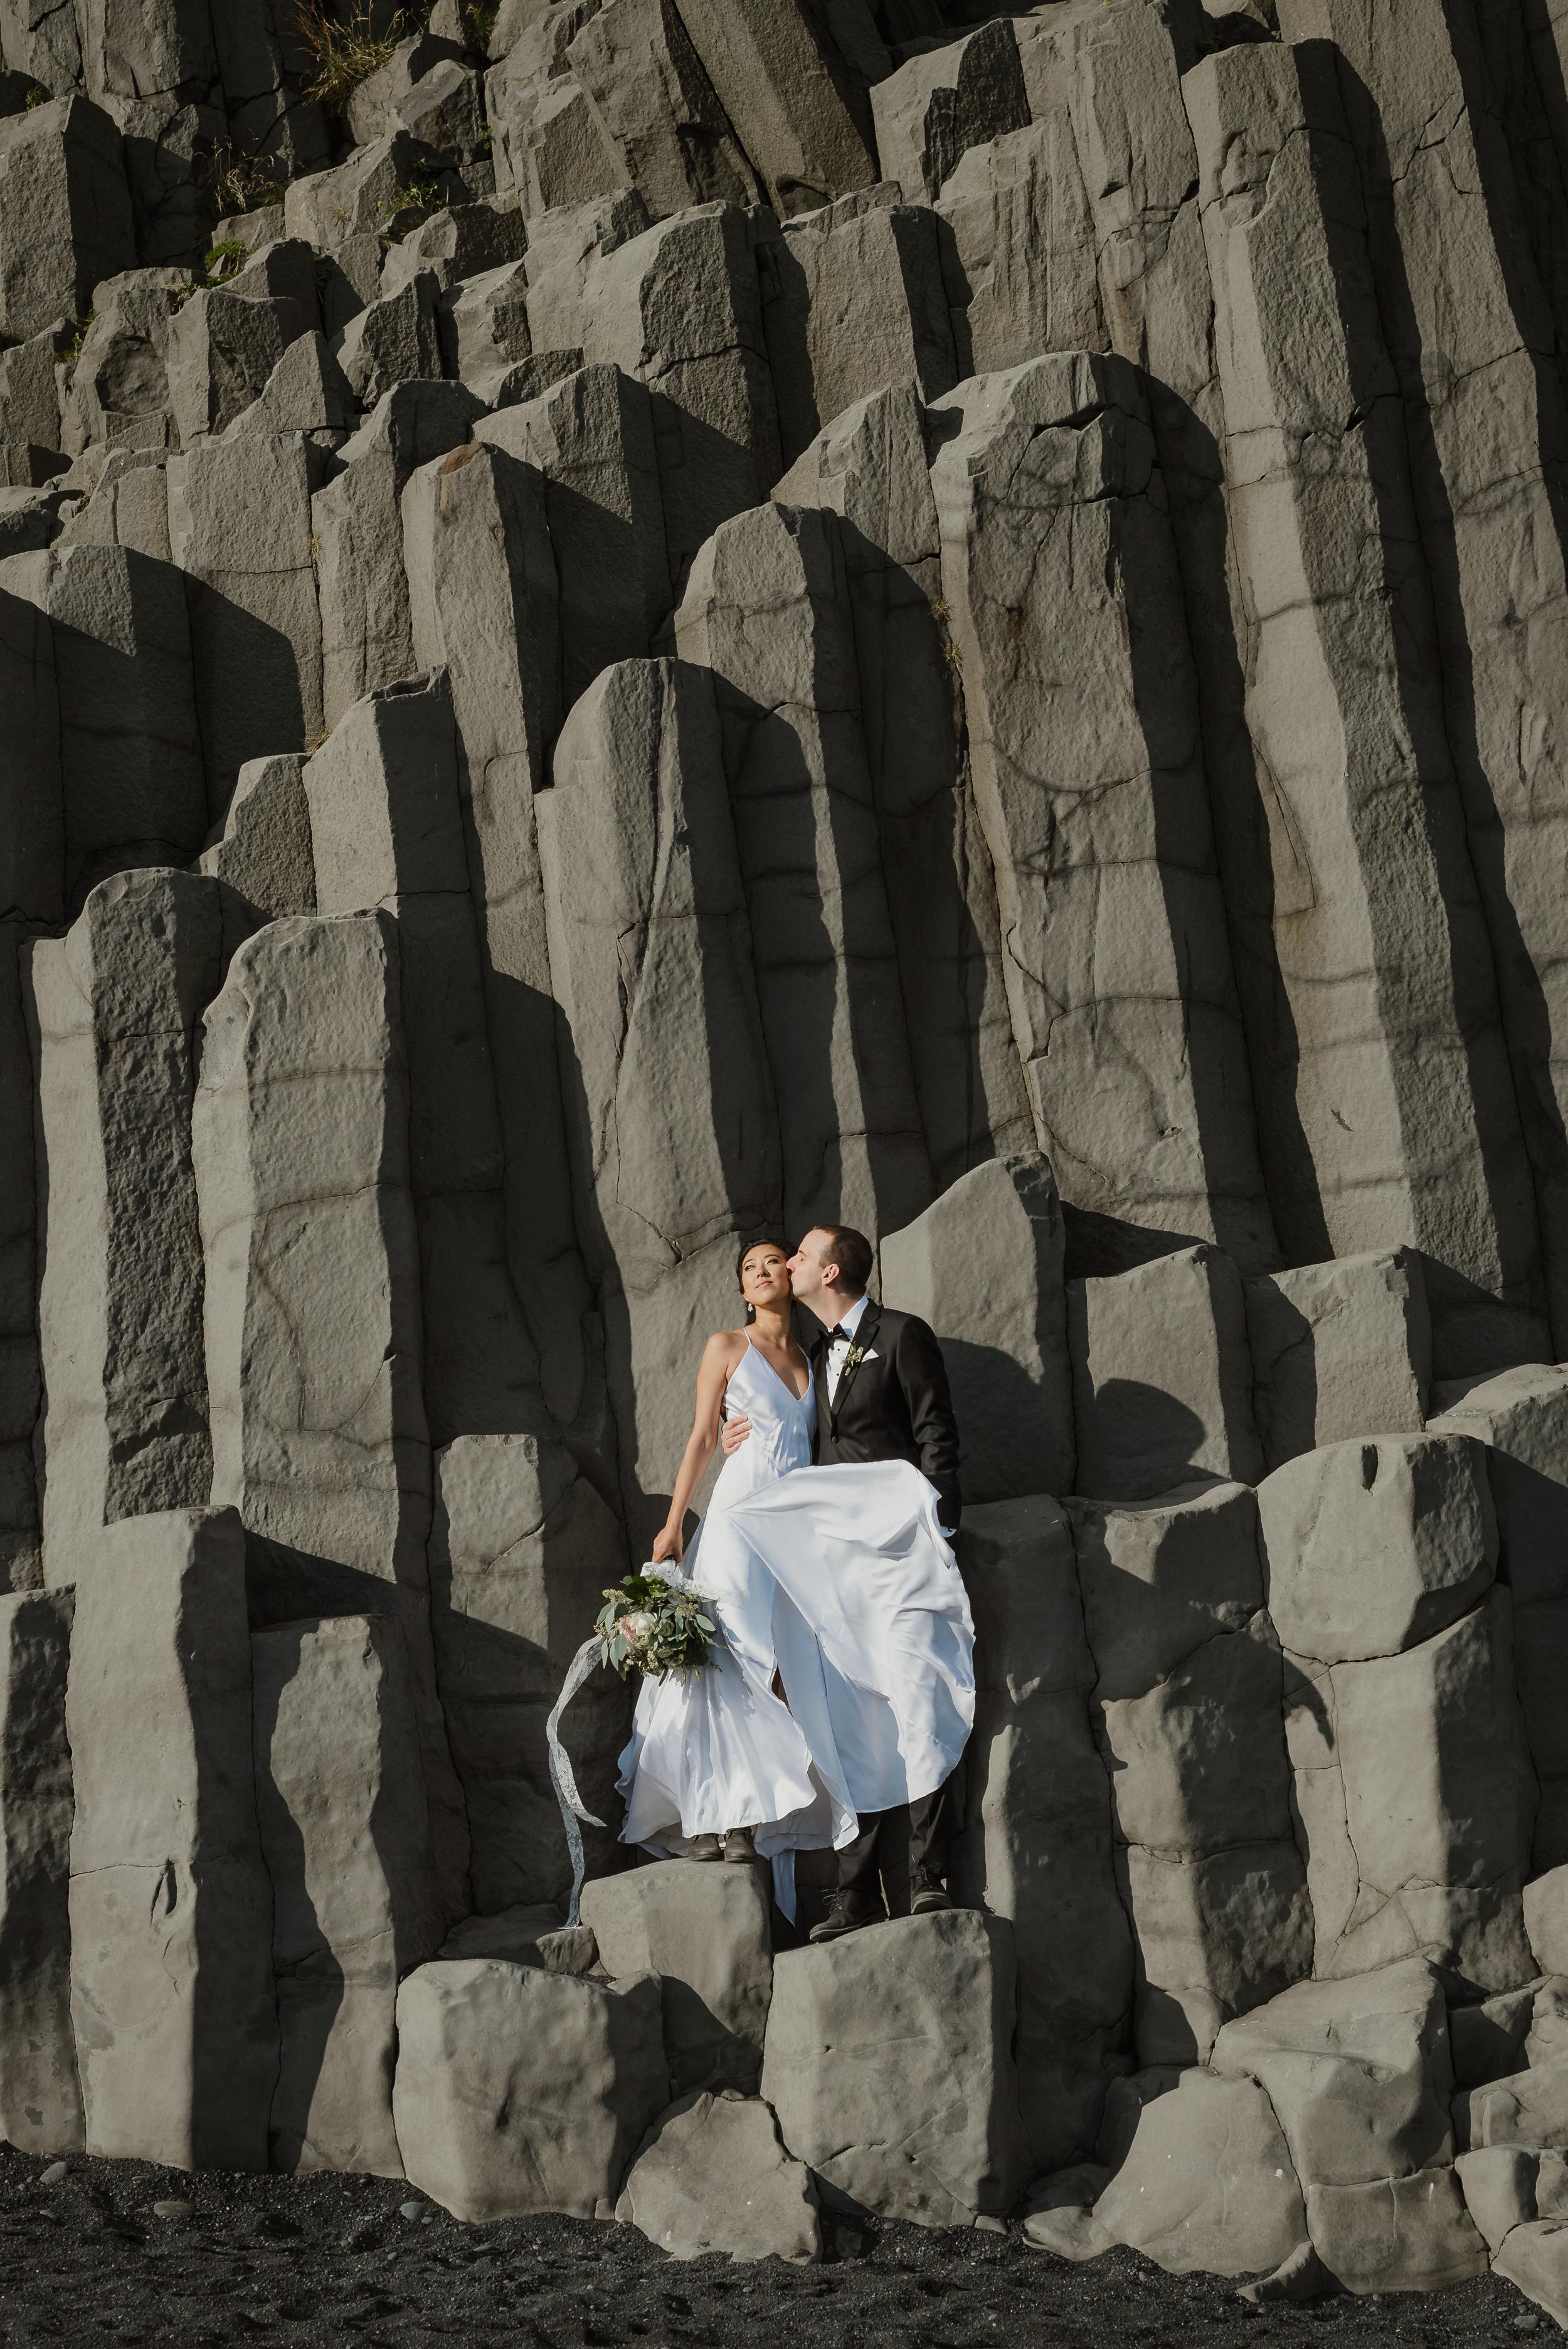 destination-wedding-iceland-engagement-session-vivianchen-167.jpg